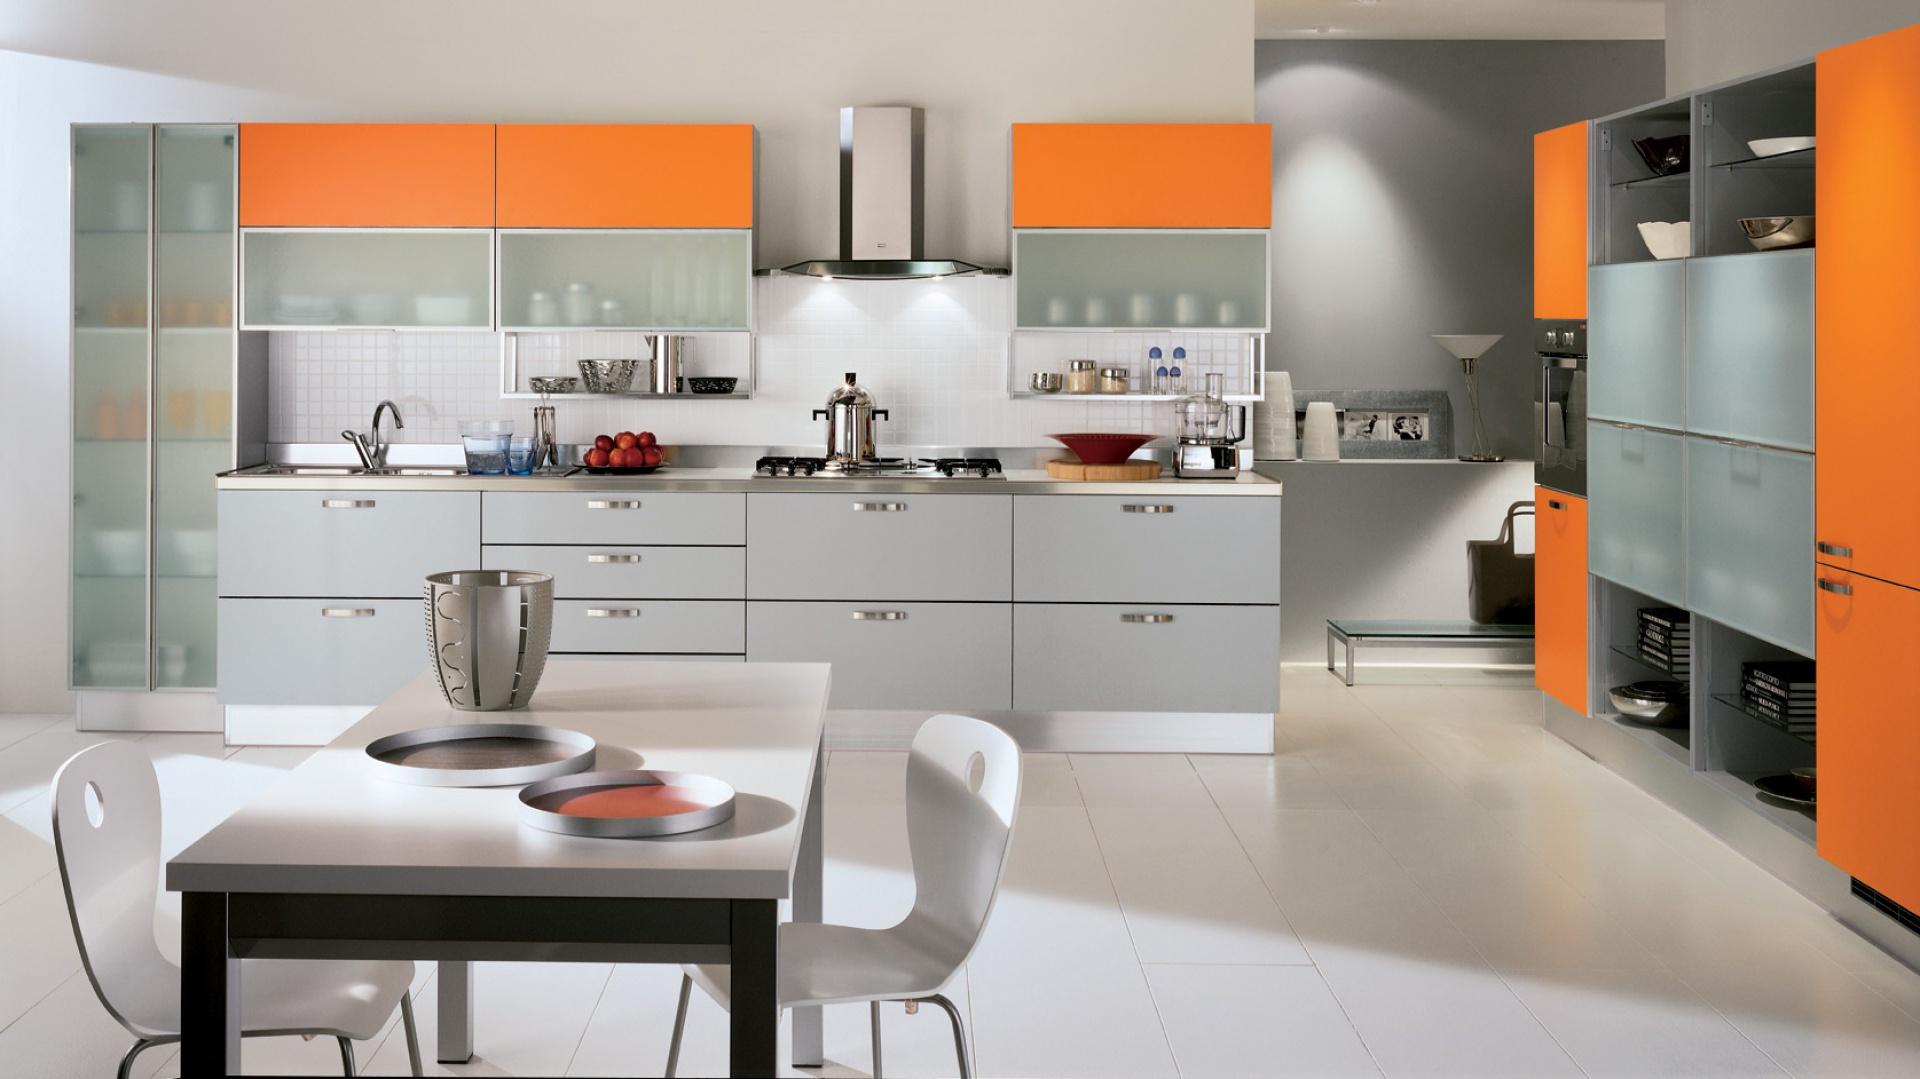 Meble do kuchni z kolekcji Dream firmy Scavolini. Połączenie koloru szarego i pomarańczowego dało świetny efekt. Stonowane wnętrze nabrało pozytywnej energii. Intensywny odcień pomarańczy doskonale je ożywił.